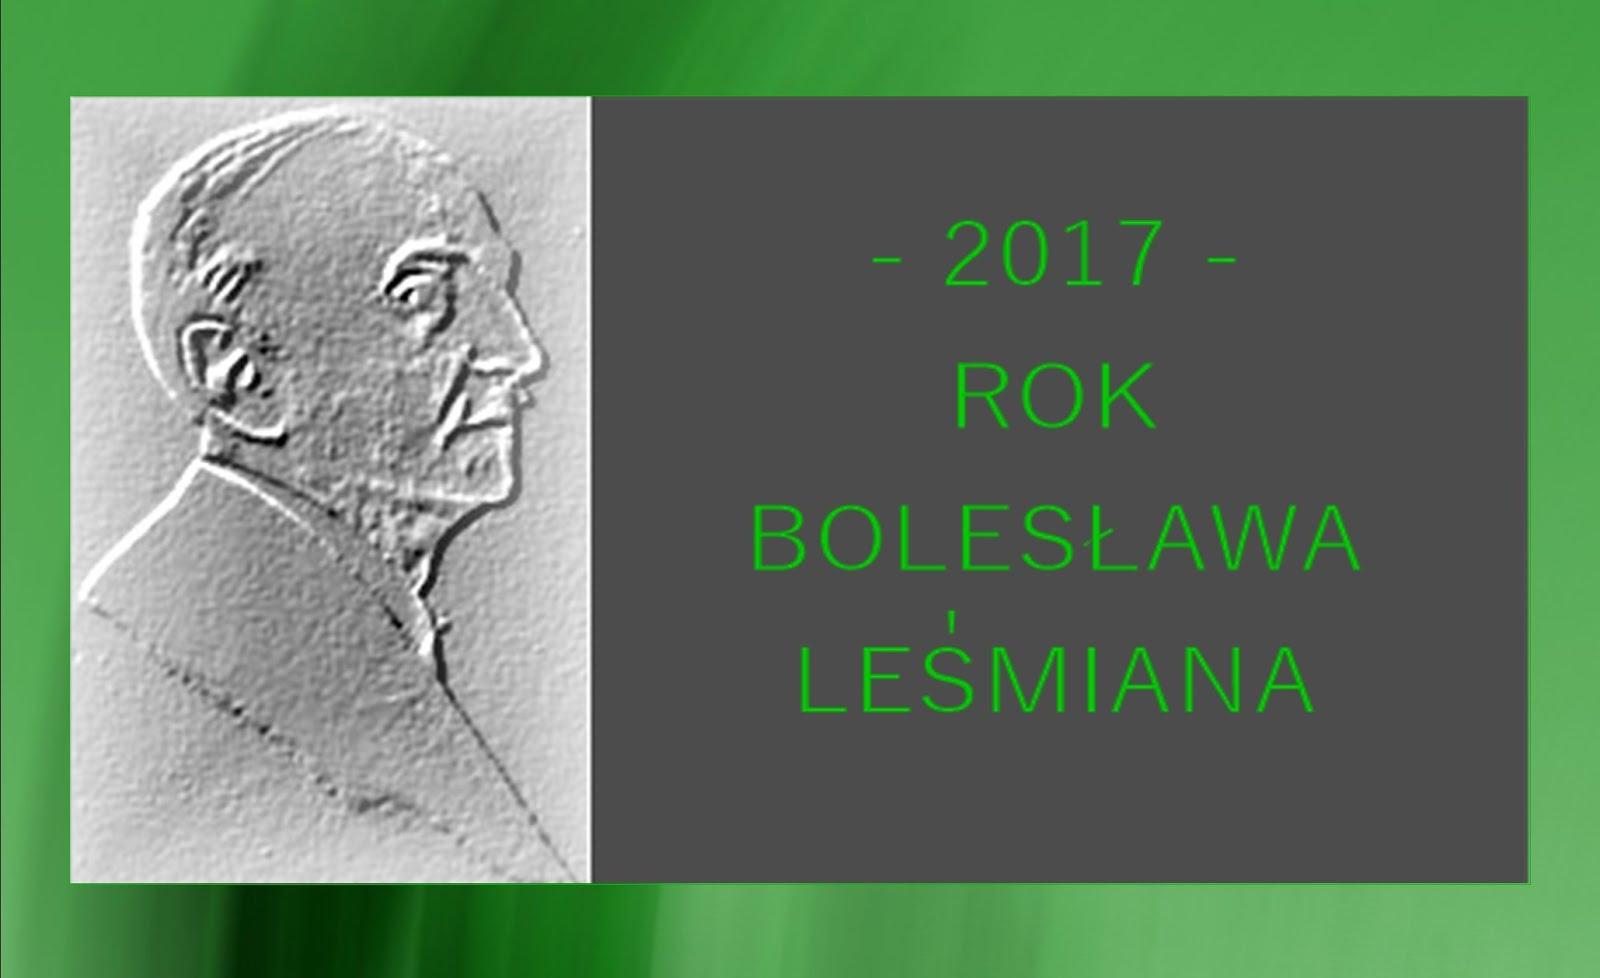 2017 jest nieoficjalnym Rokiem Leśmianowskim